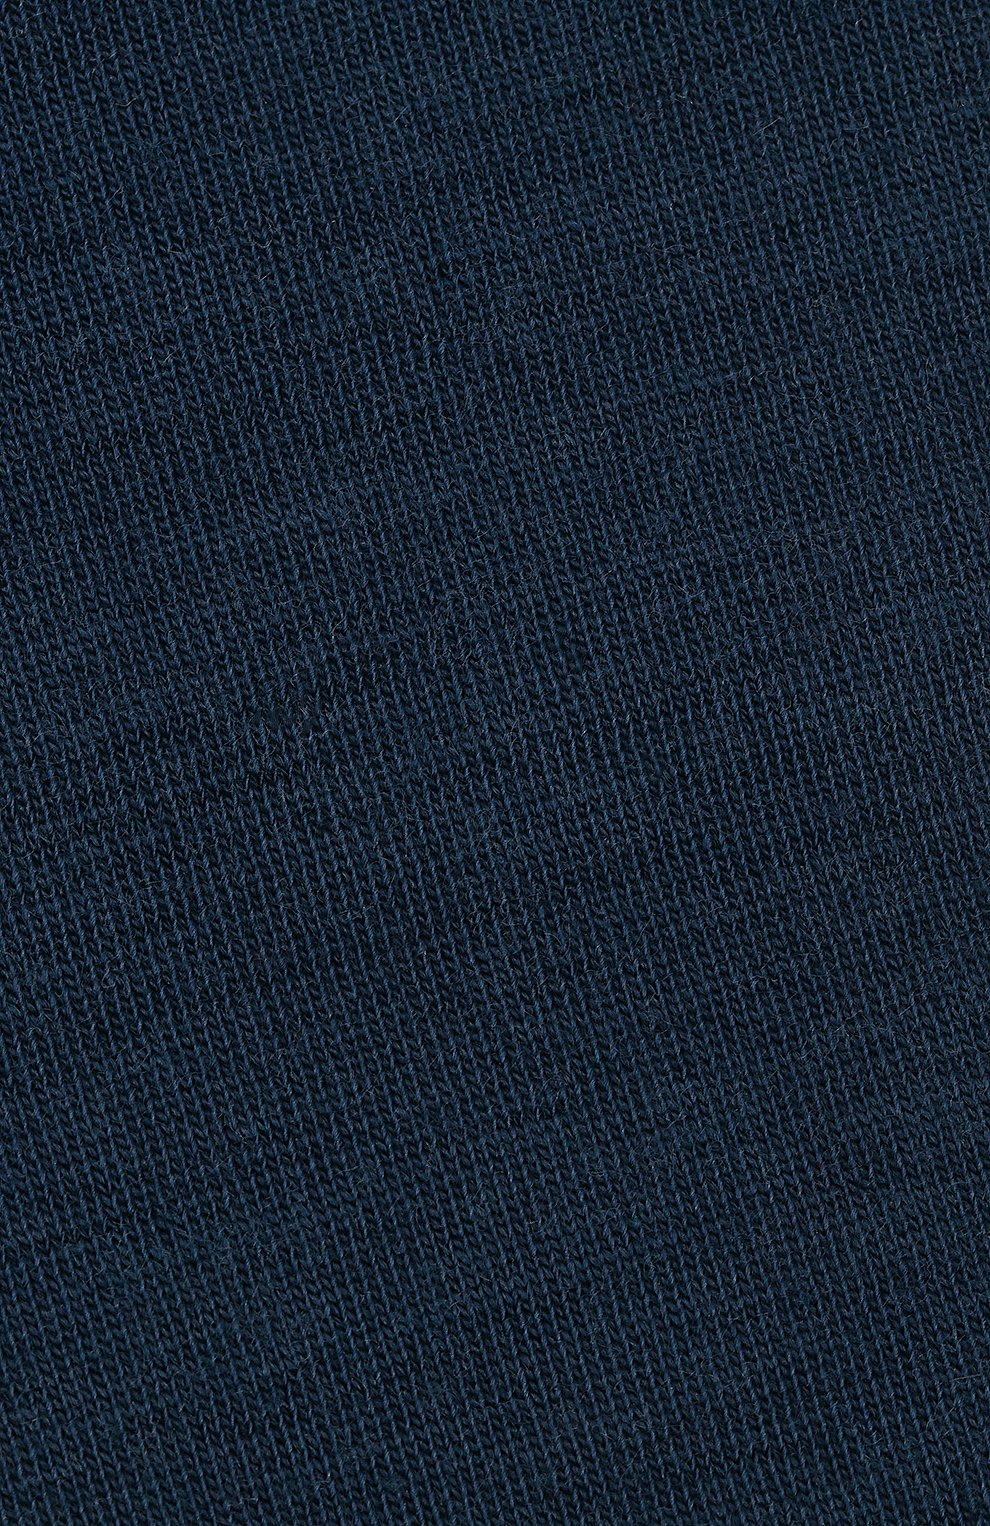 Женские гольфы softmerino из смеси шерсти и хлопка FALKE синего цвета, арт. 47438_18_   Фото 4